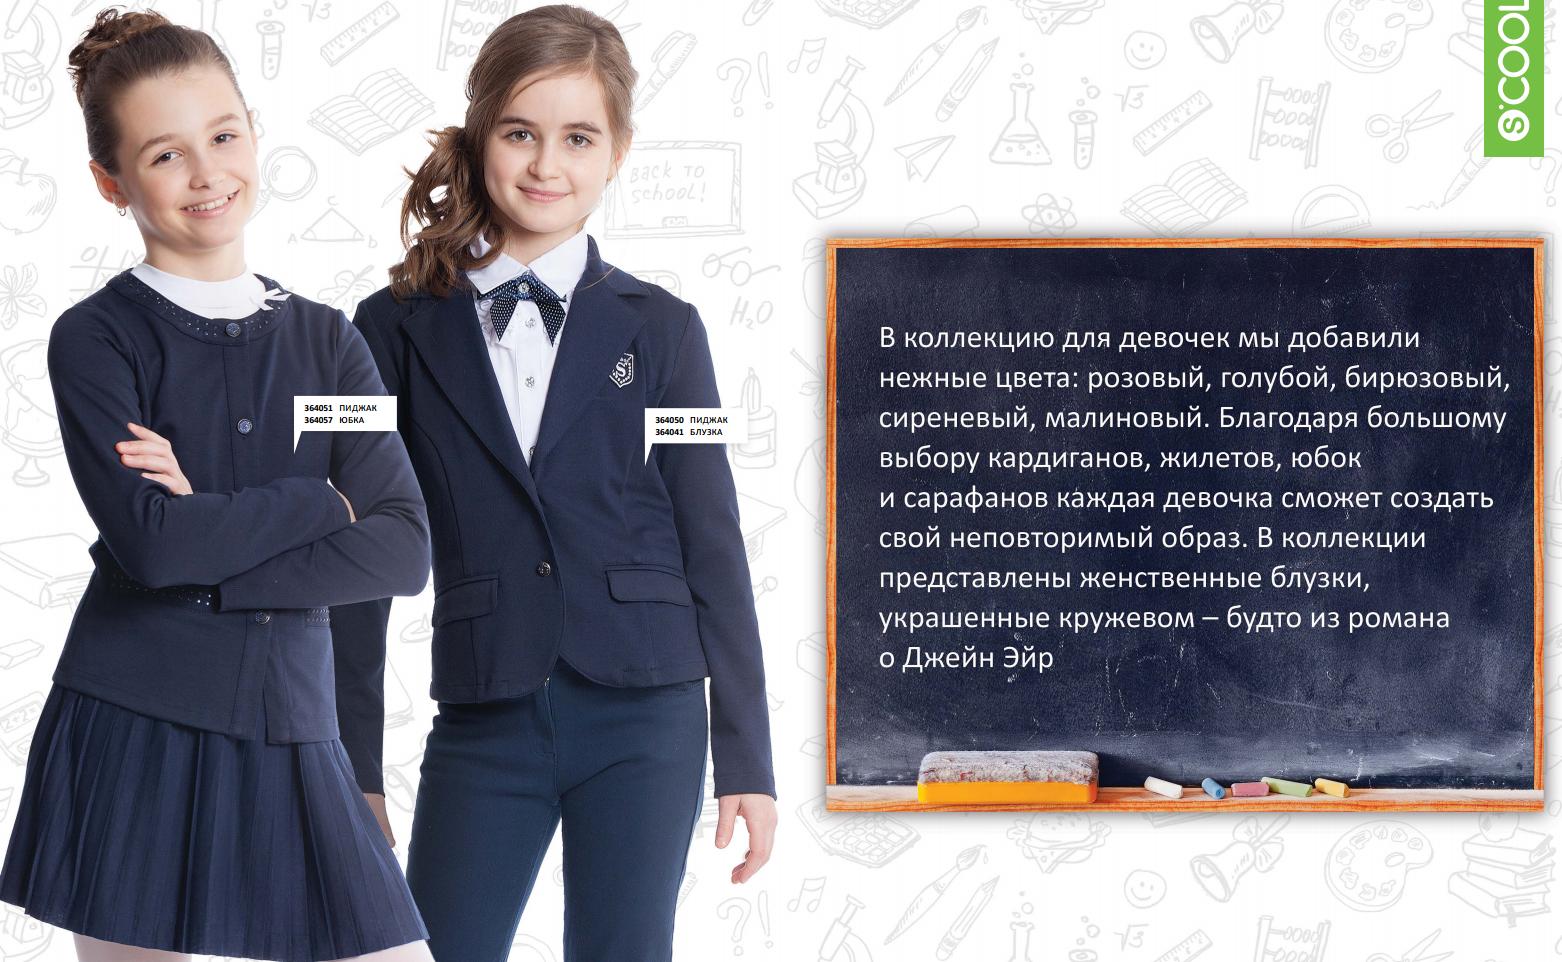 Сбор заказов. Детская одежда. Школьная форма 2016 в наличии. Сногсшибательное предложение.Теперь точно без рядов